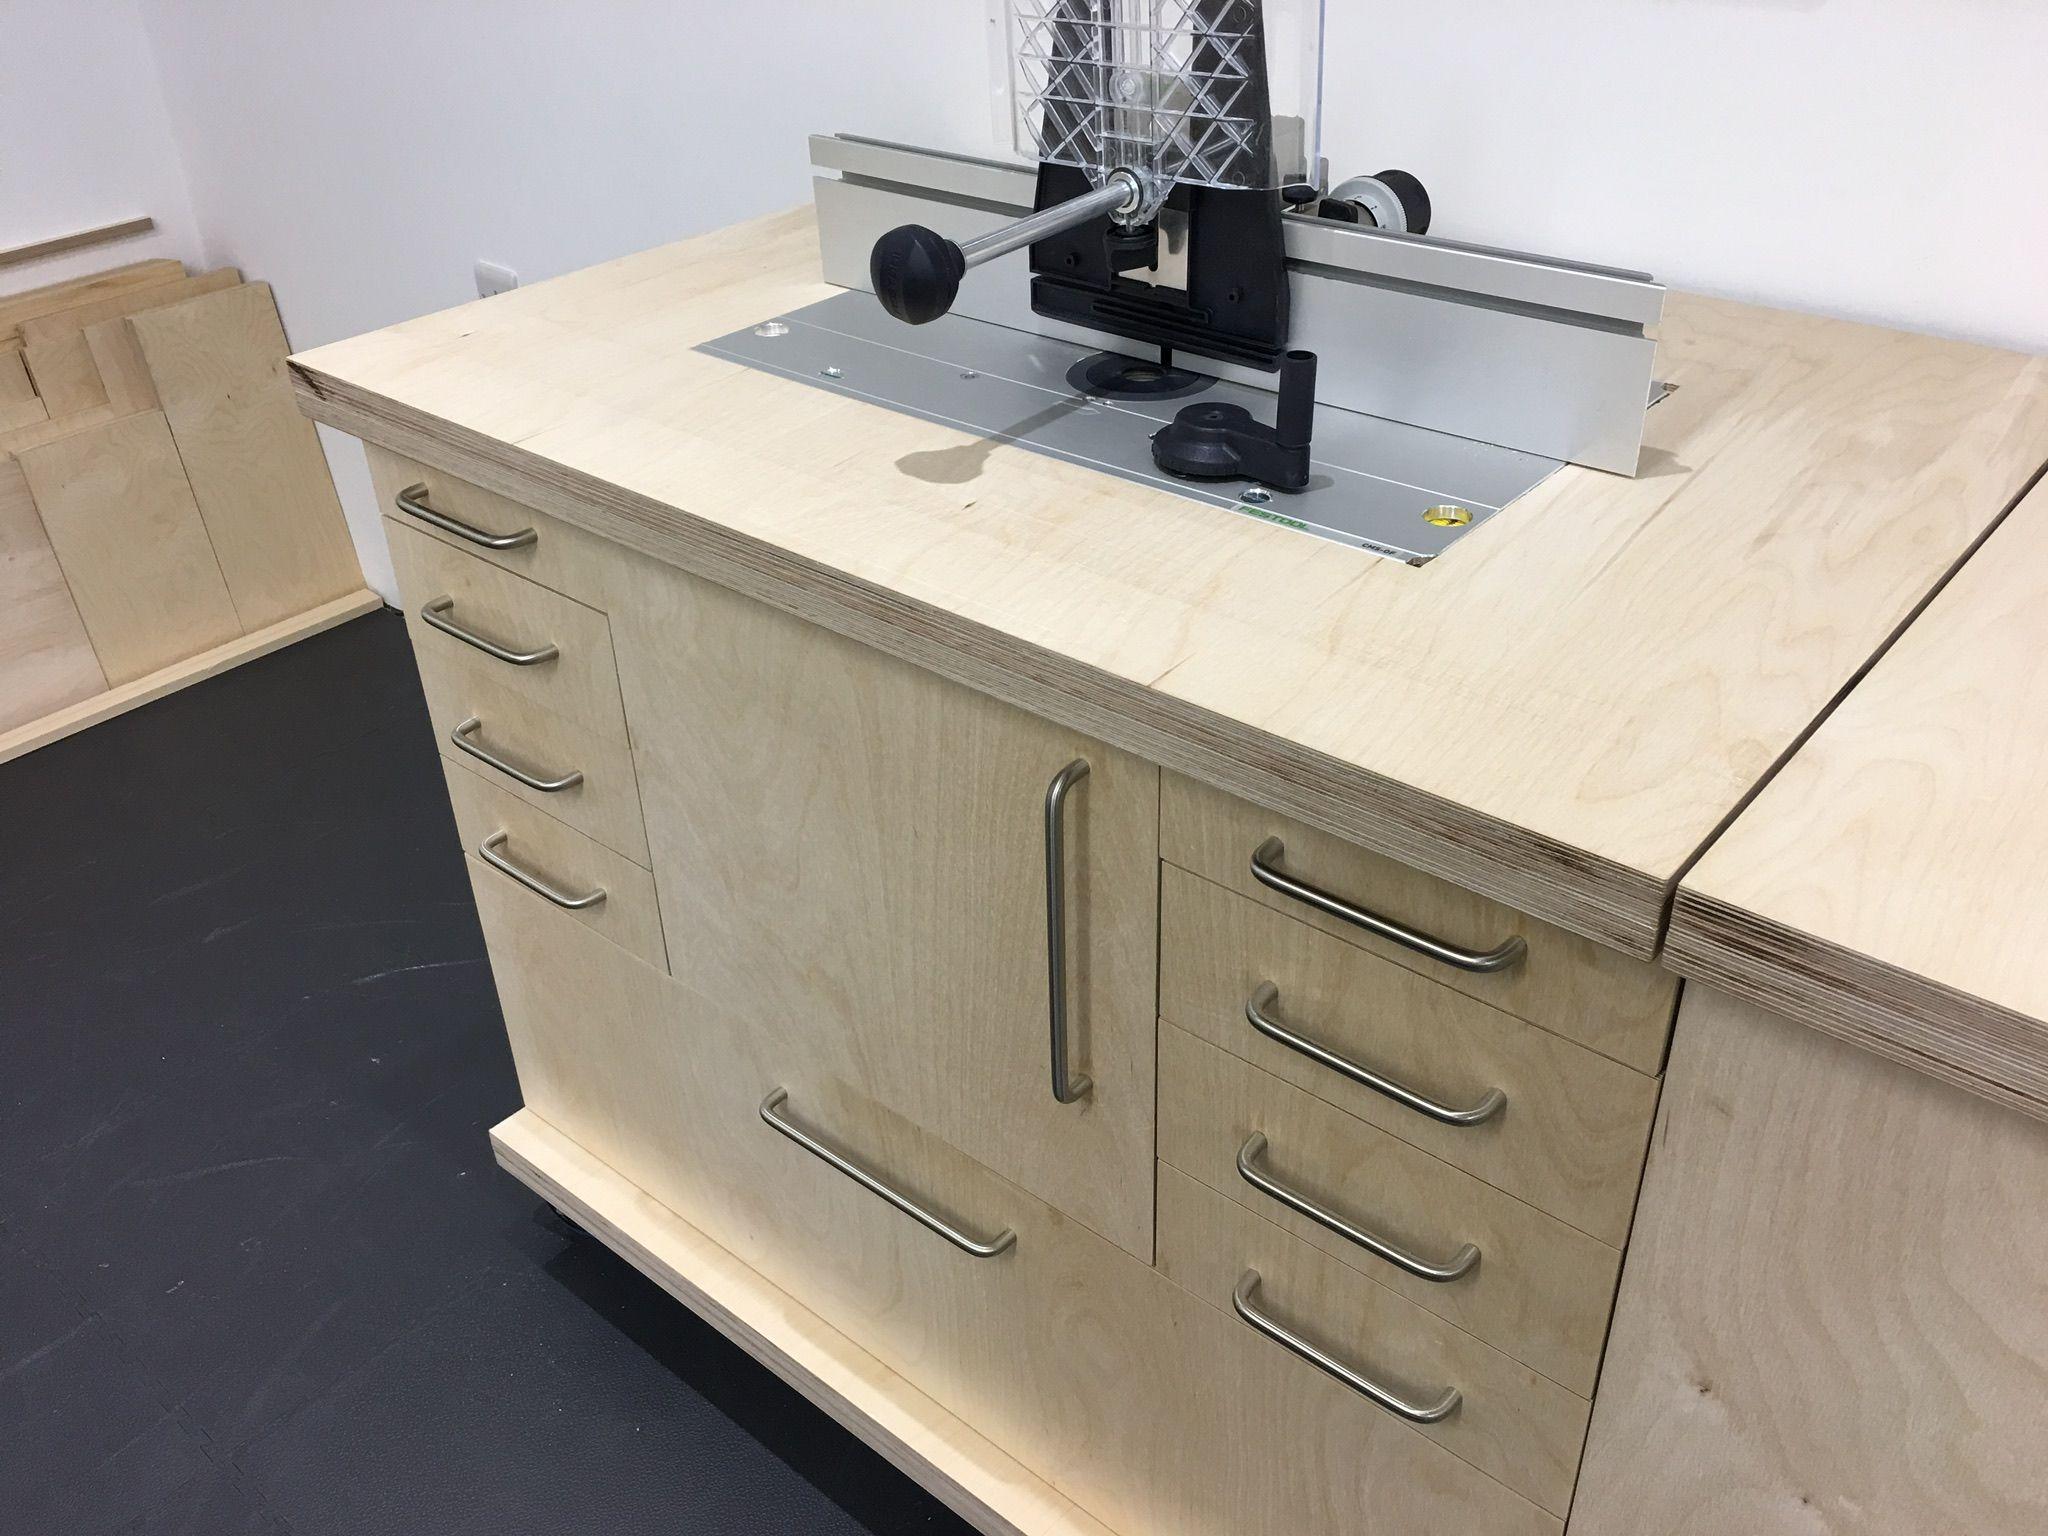 Festool cms custom router table for new workshop atelier for Table festool